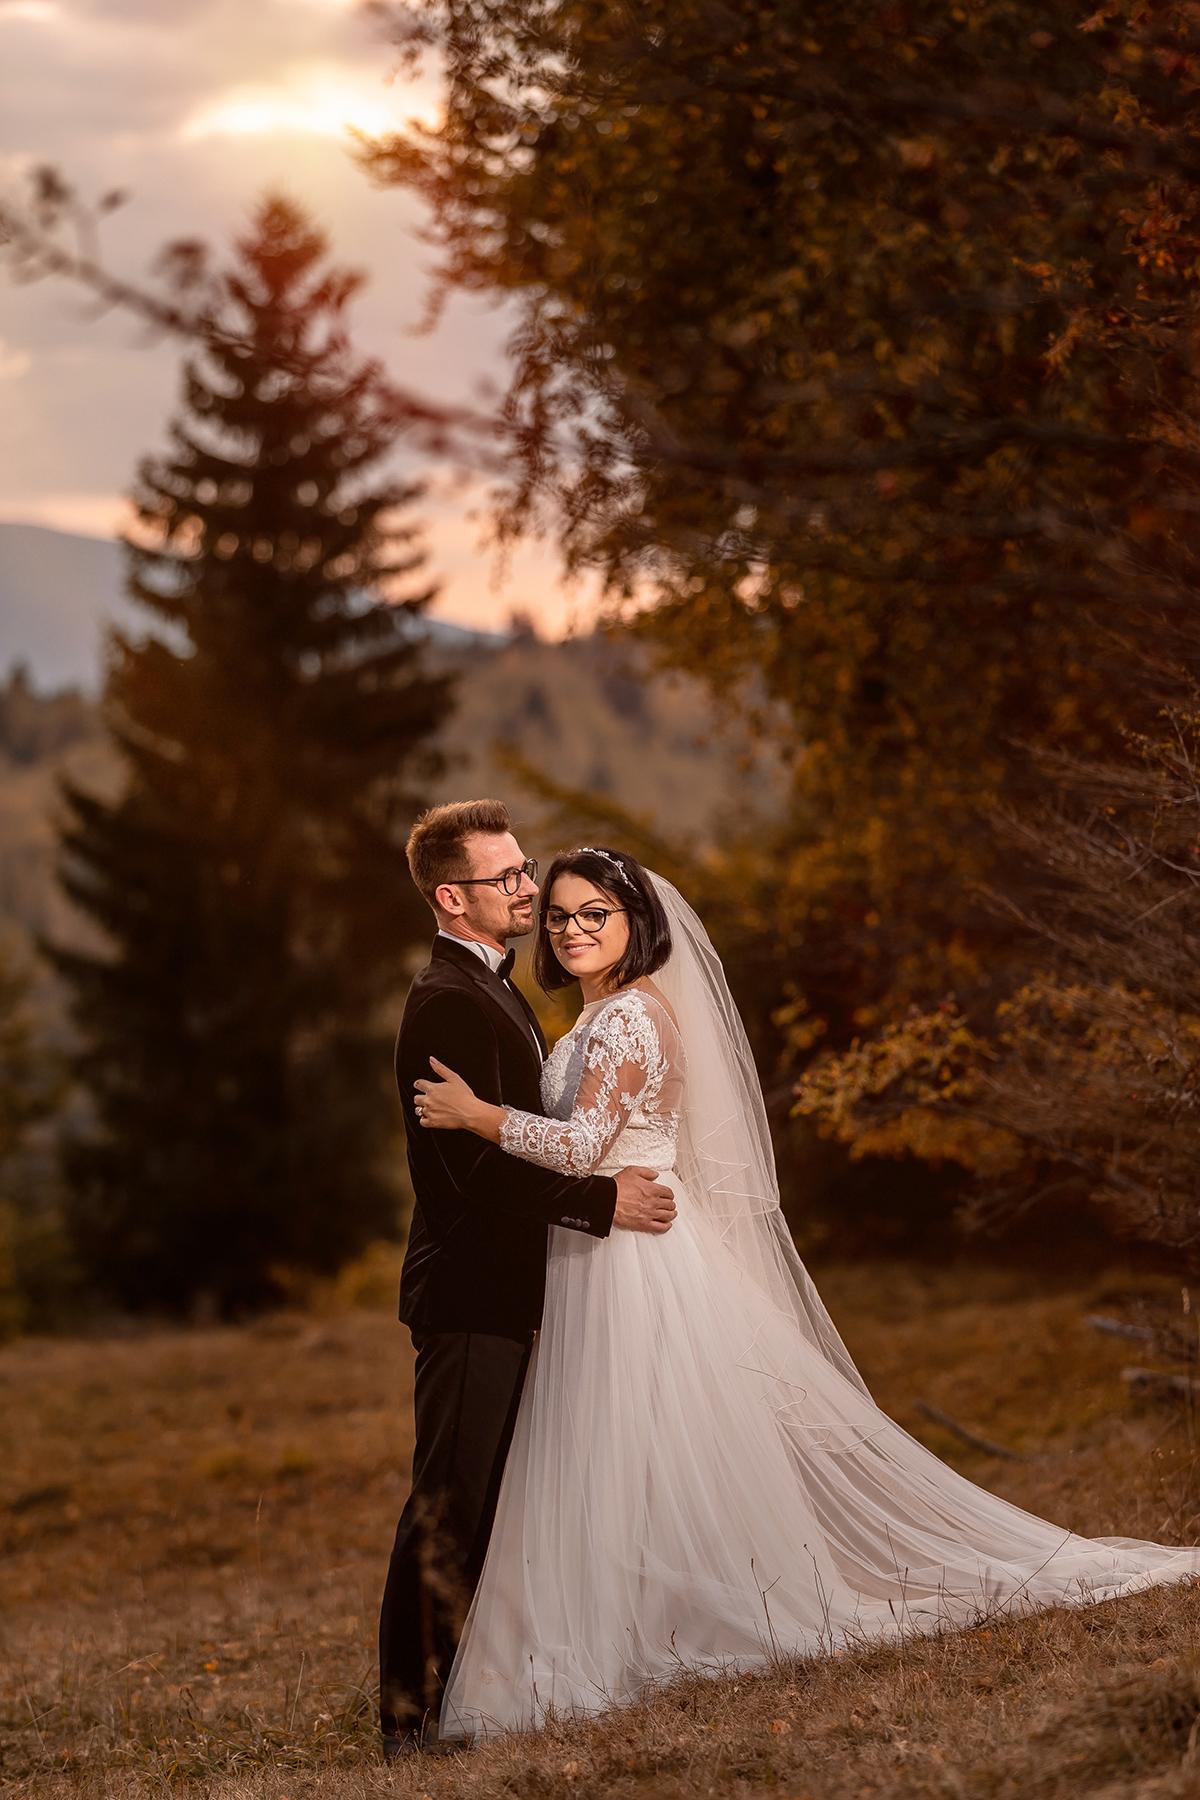 fotograf nunta 067 010